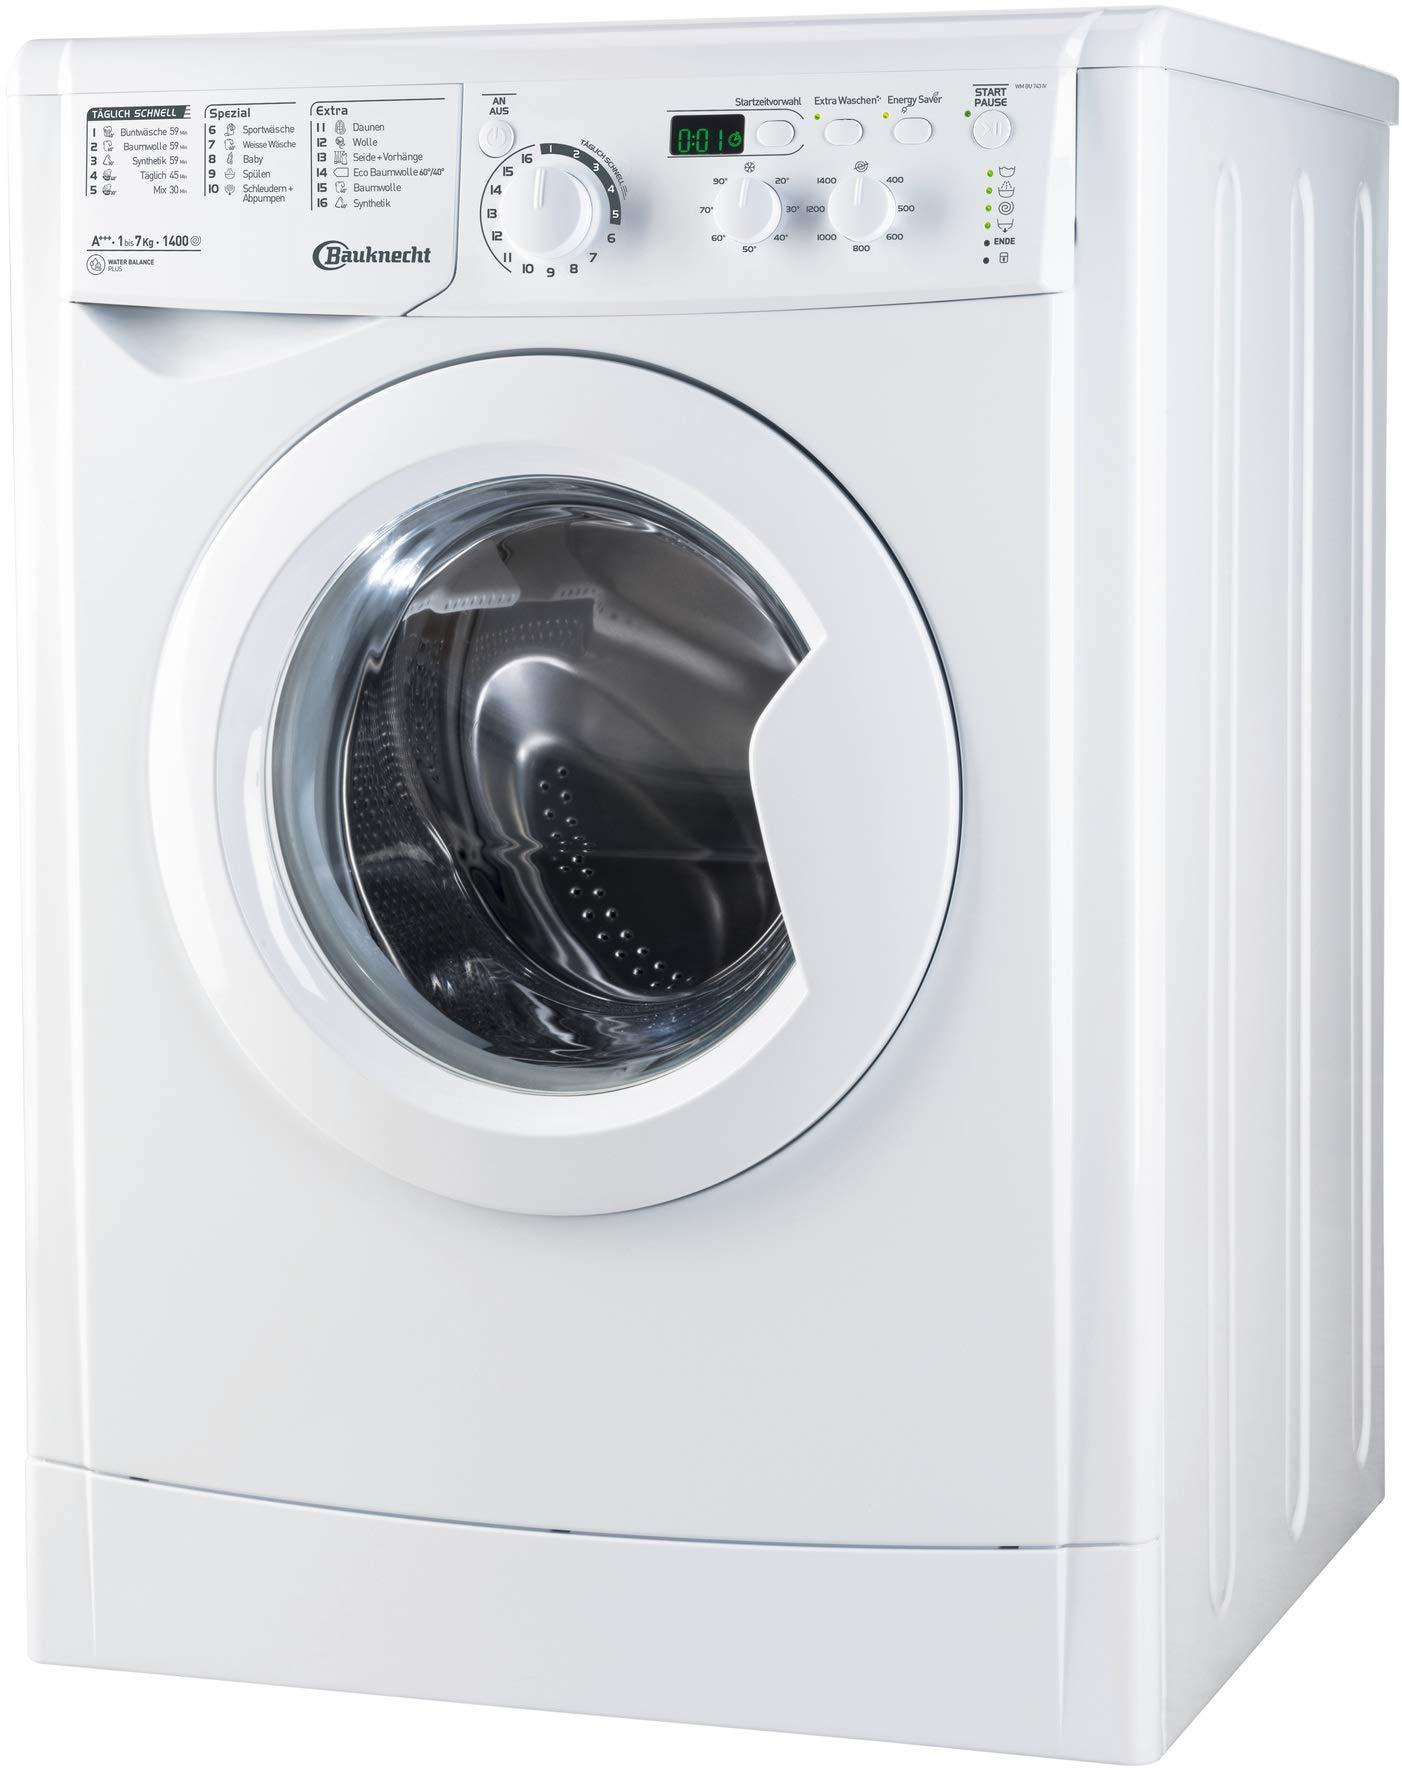 Bauknecht-WM-BU-743-IV-Waschmaschine-Frontlader-unterbaufhigA-7-kg-1400-UpMStartzeitvorwahlMengenautomatik